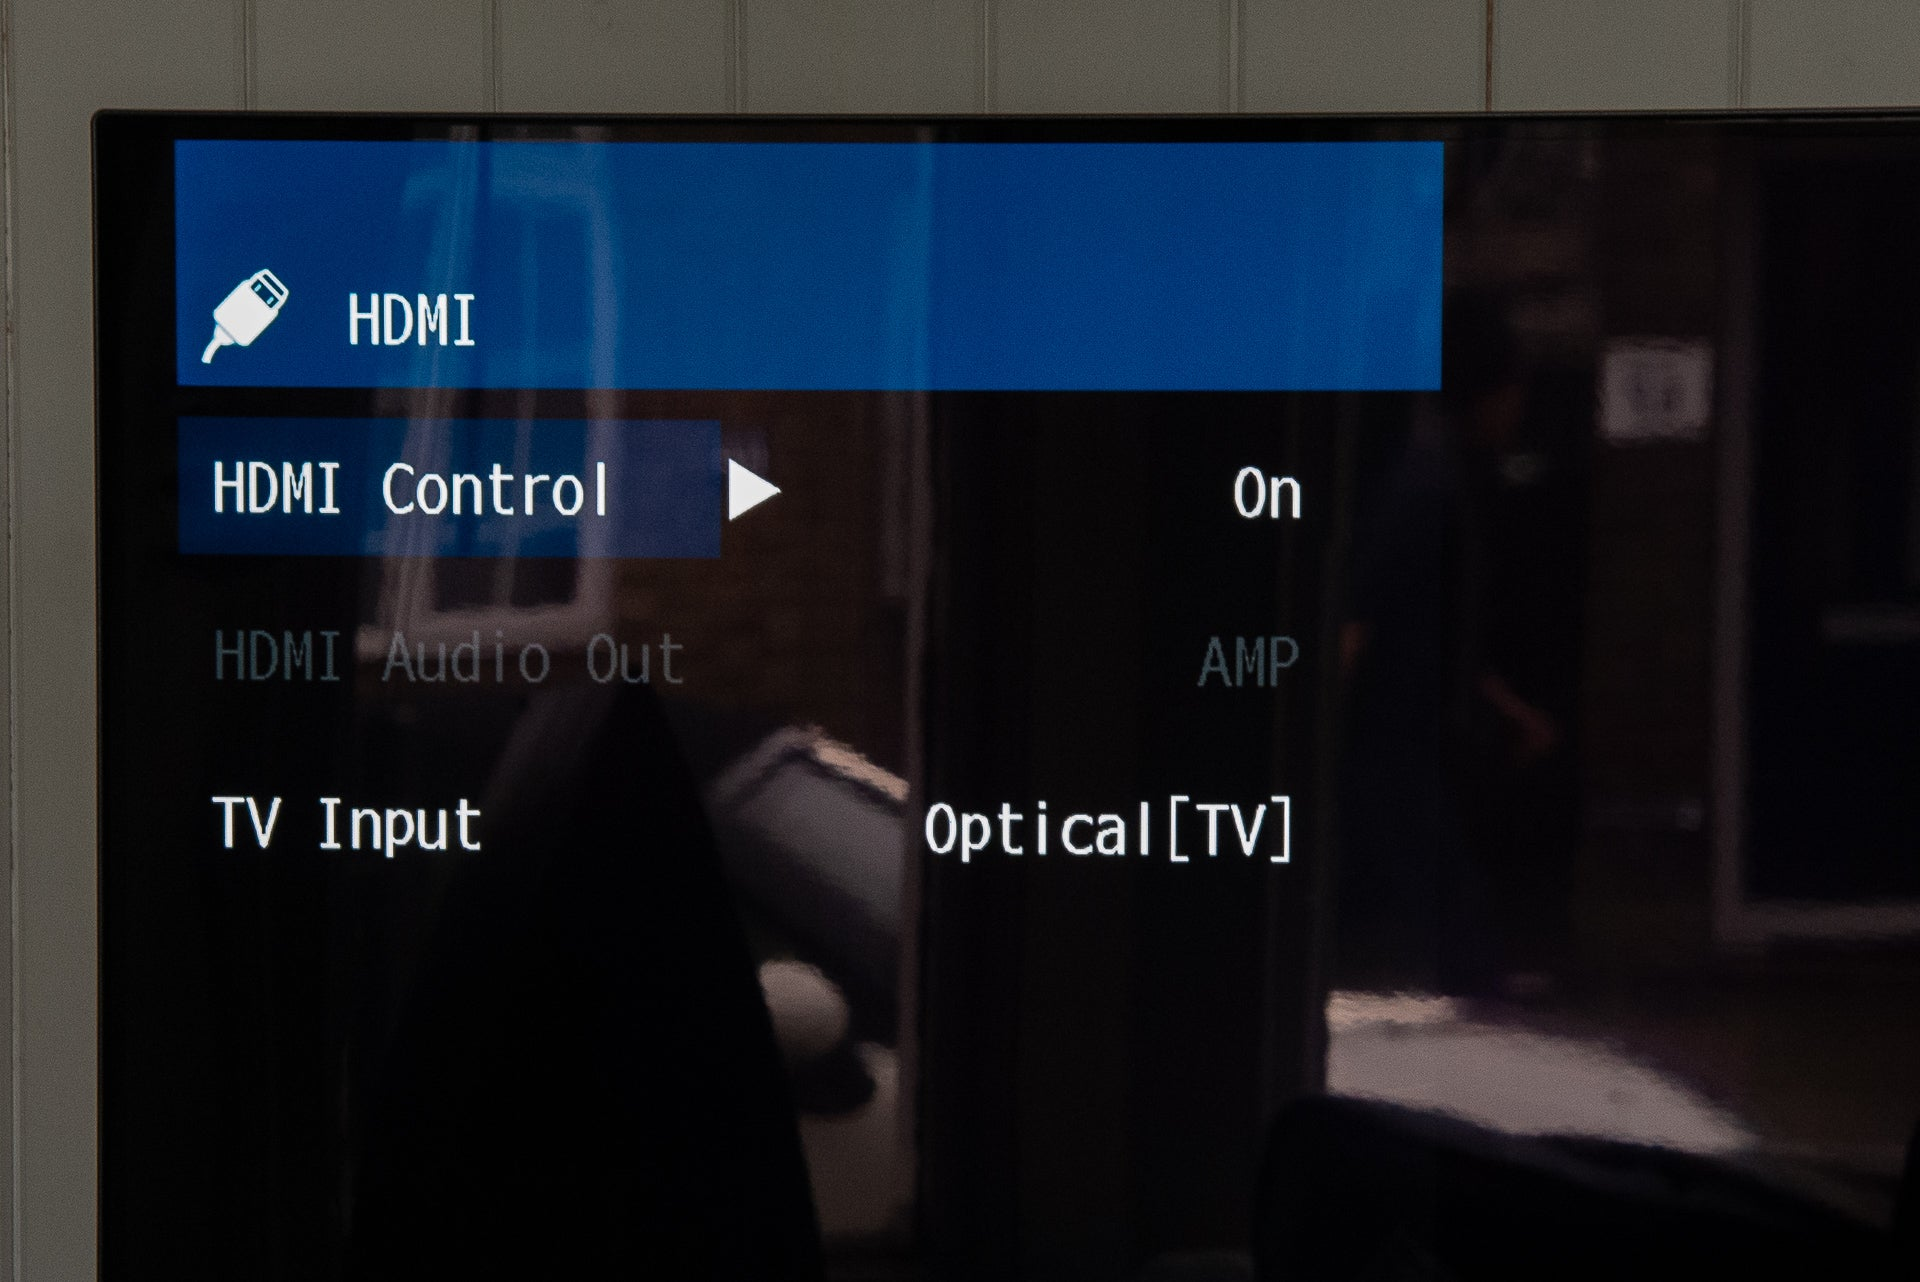 HDMI-CEC enable